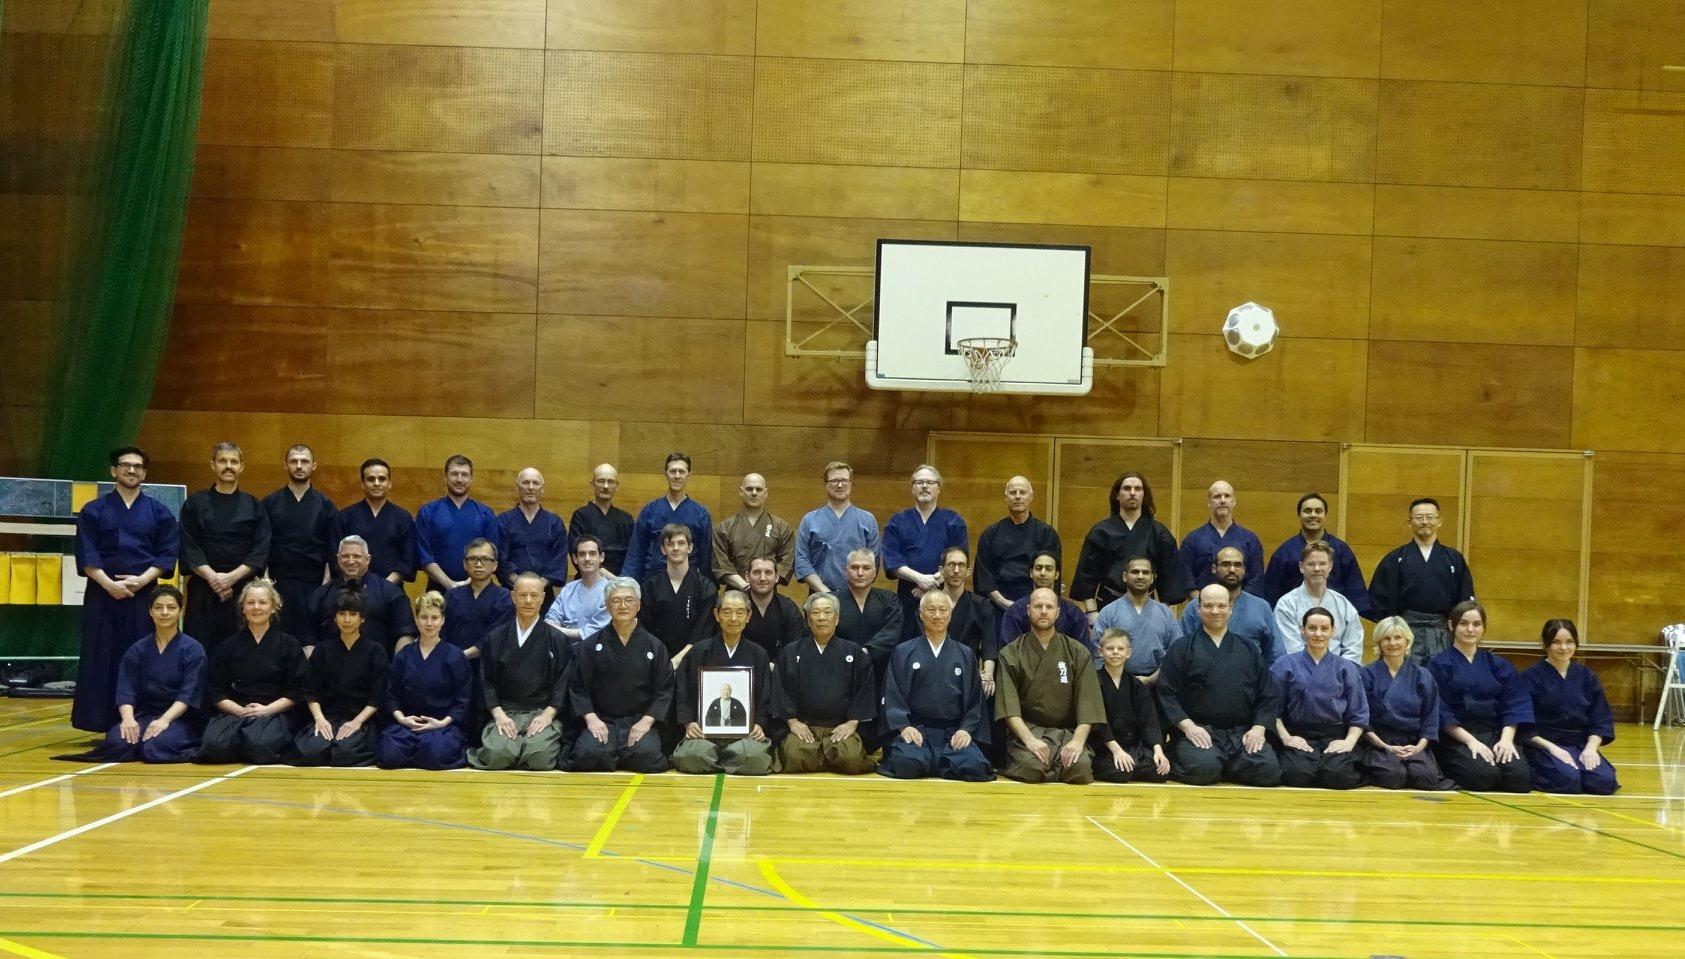 Thursday Pre-Taikai training group photo.